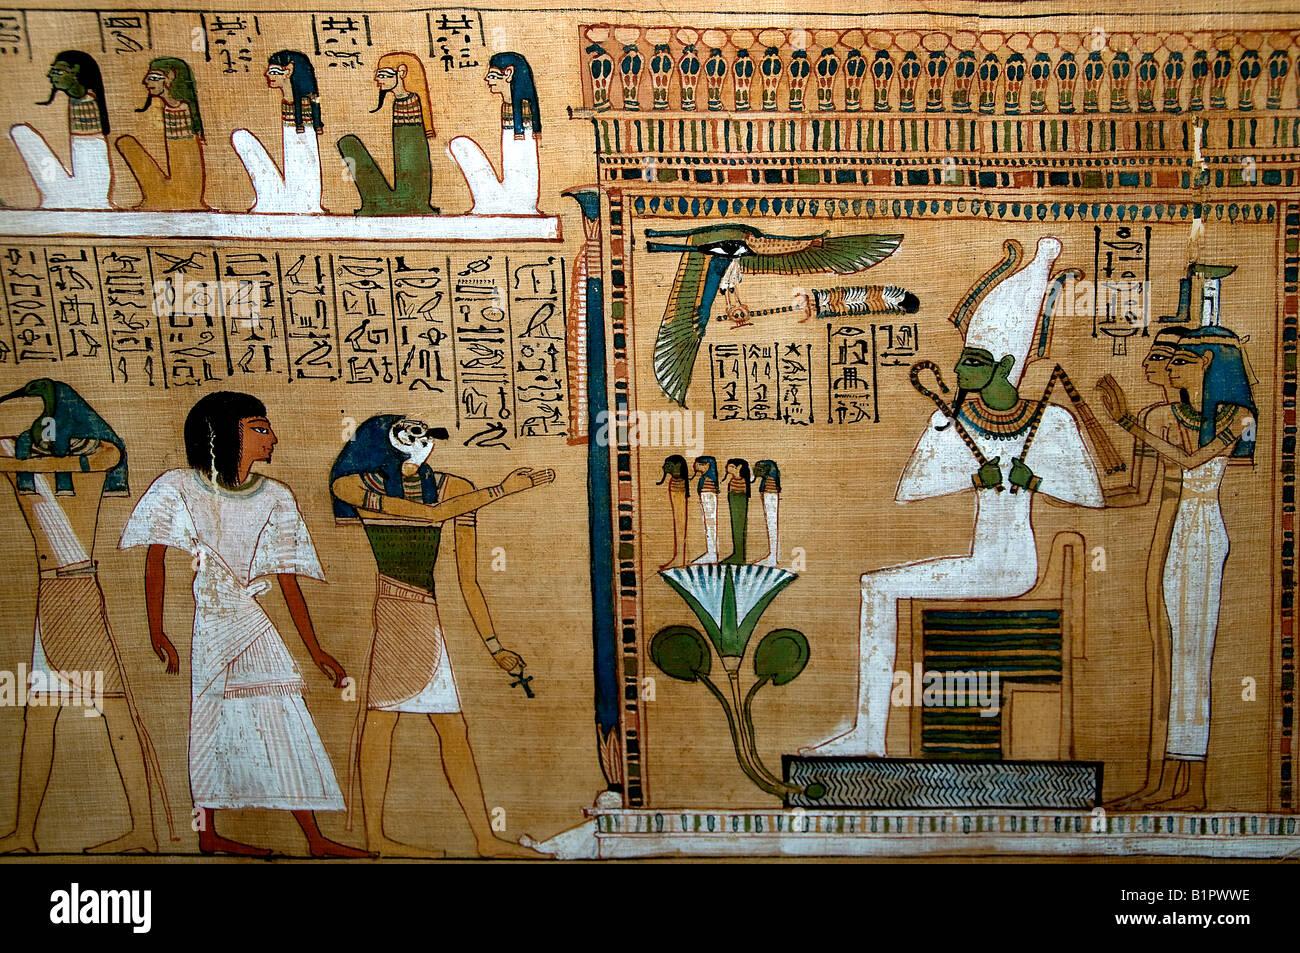 😊 Judgement of hunefer before osiris. British Museum. 2019 ...  Judgement Before Osiris